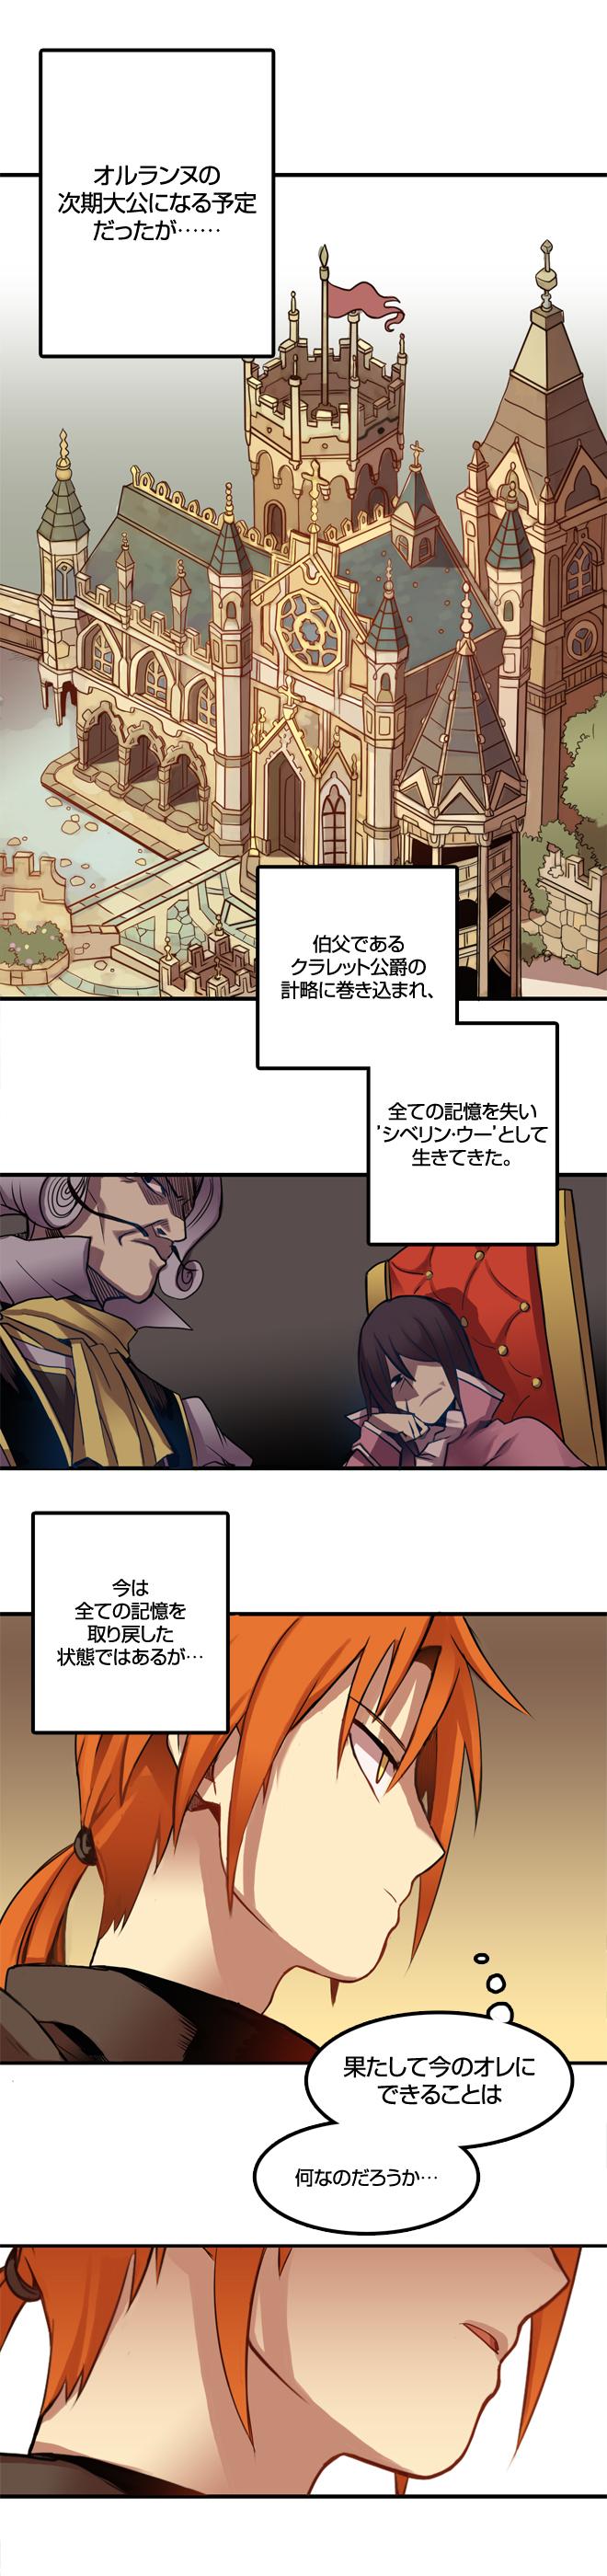 TW_Comic_4_003.jpg